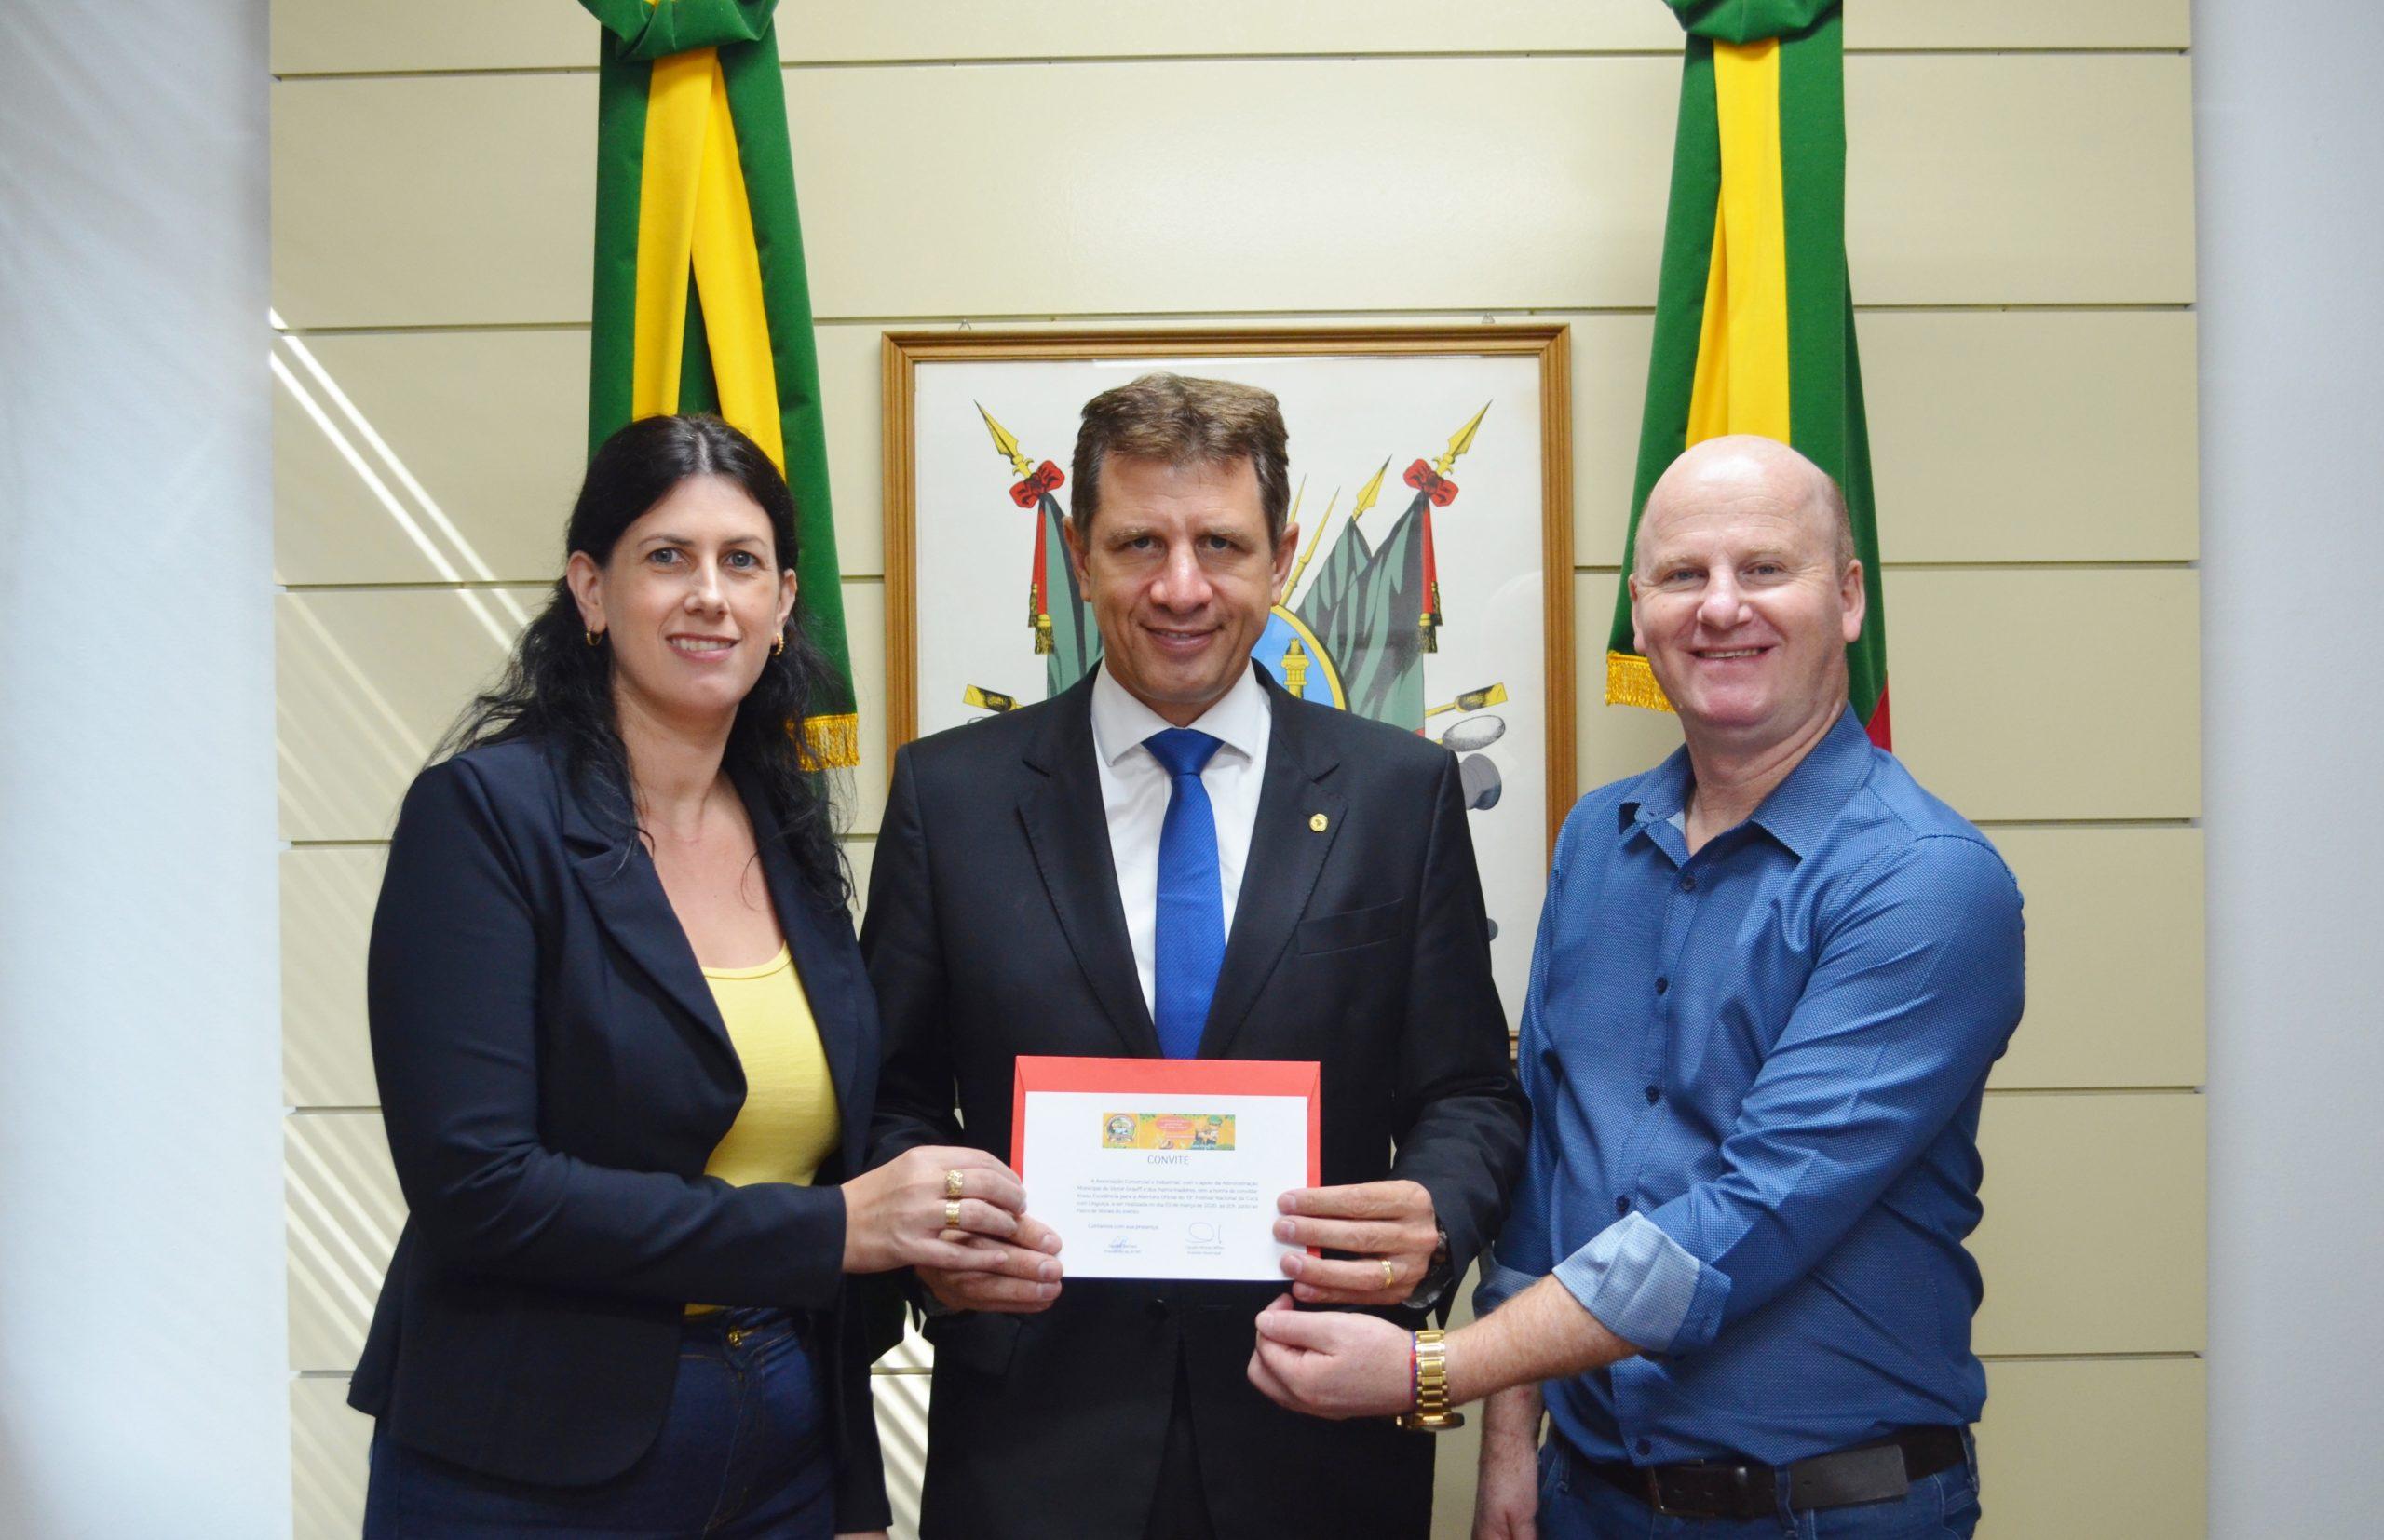 Prefeitura e ACIVG entregam convites para o 19º Festival Nacional da Cuca com Linguiça a autoridades em Porto Alegre